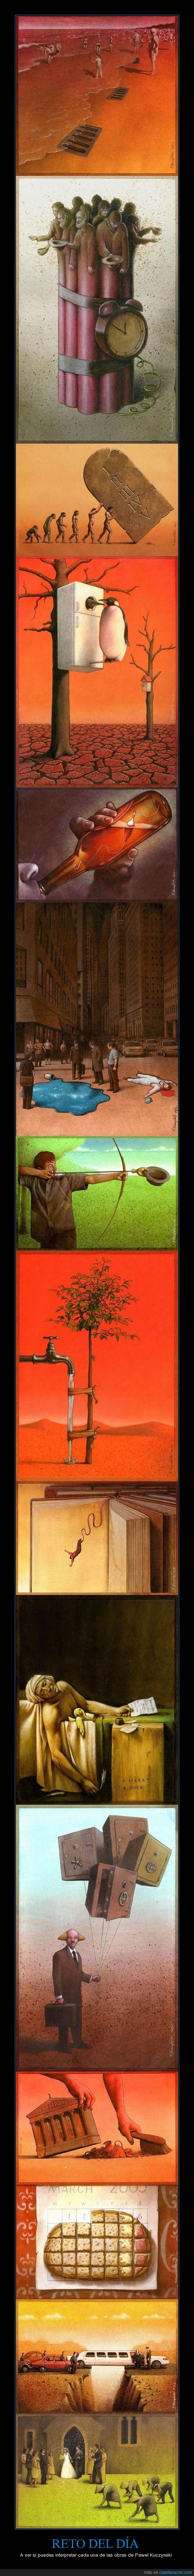 arte,dibujo,interpretar,pawel kuczynski,reflexion,sociedad